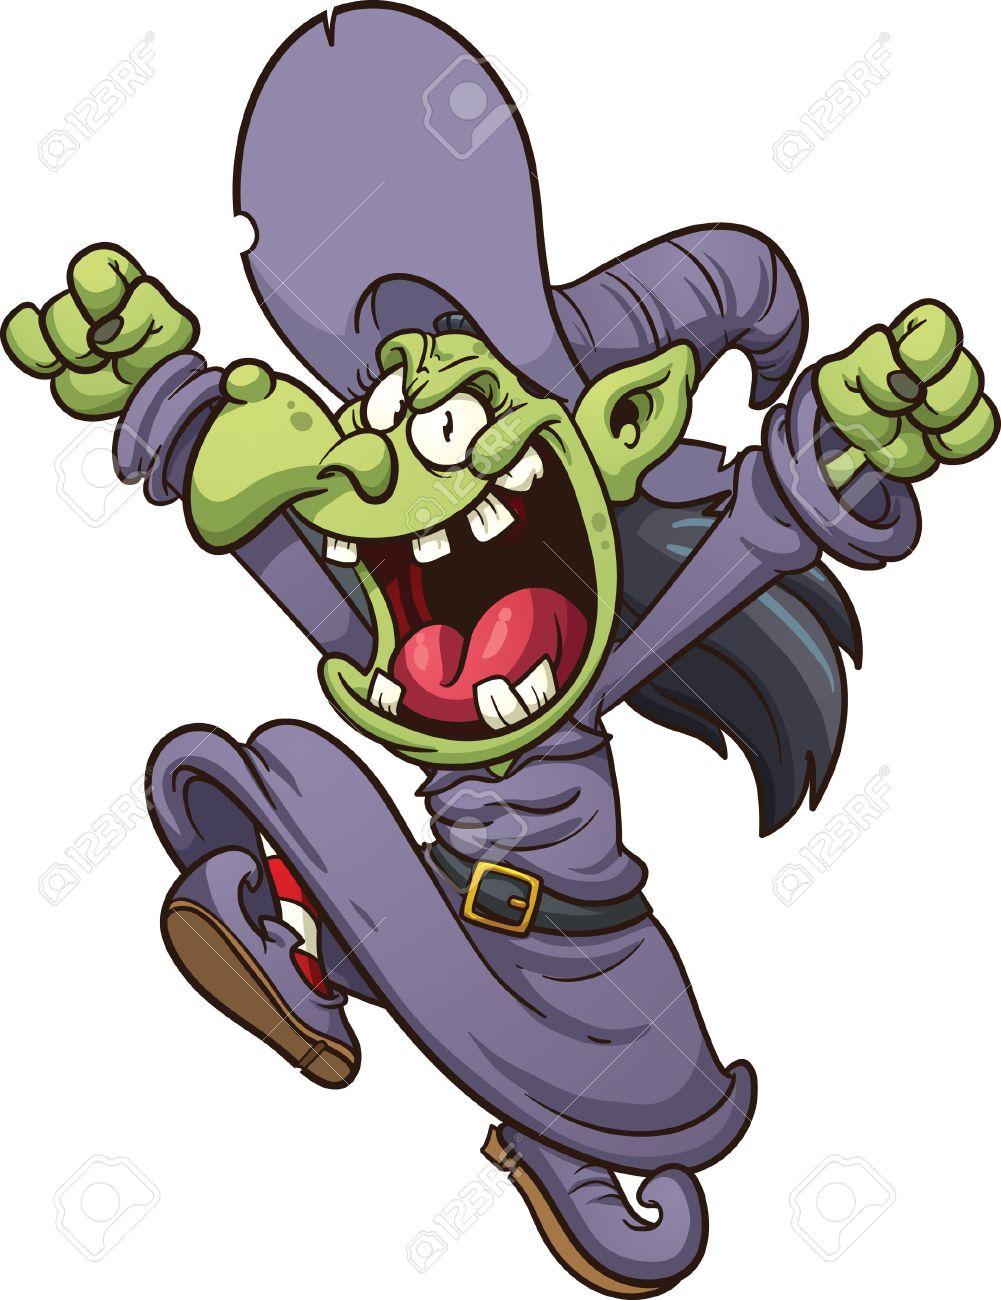 邪悪な漫画の魔女がすべて 1 つのレイヤーで簡単なグラデーション ベクター クリップ アート イラストをジャンプ